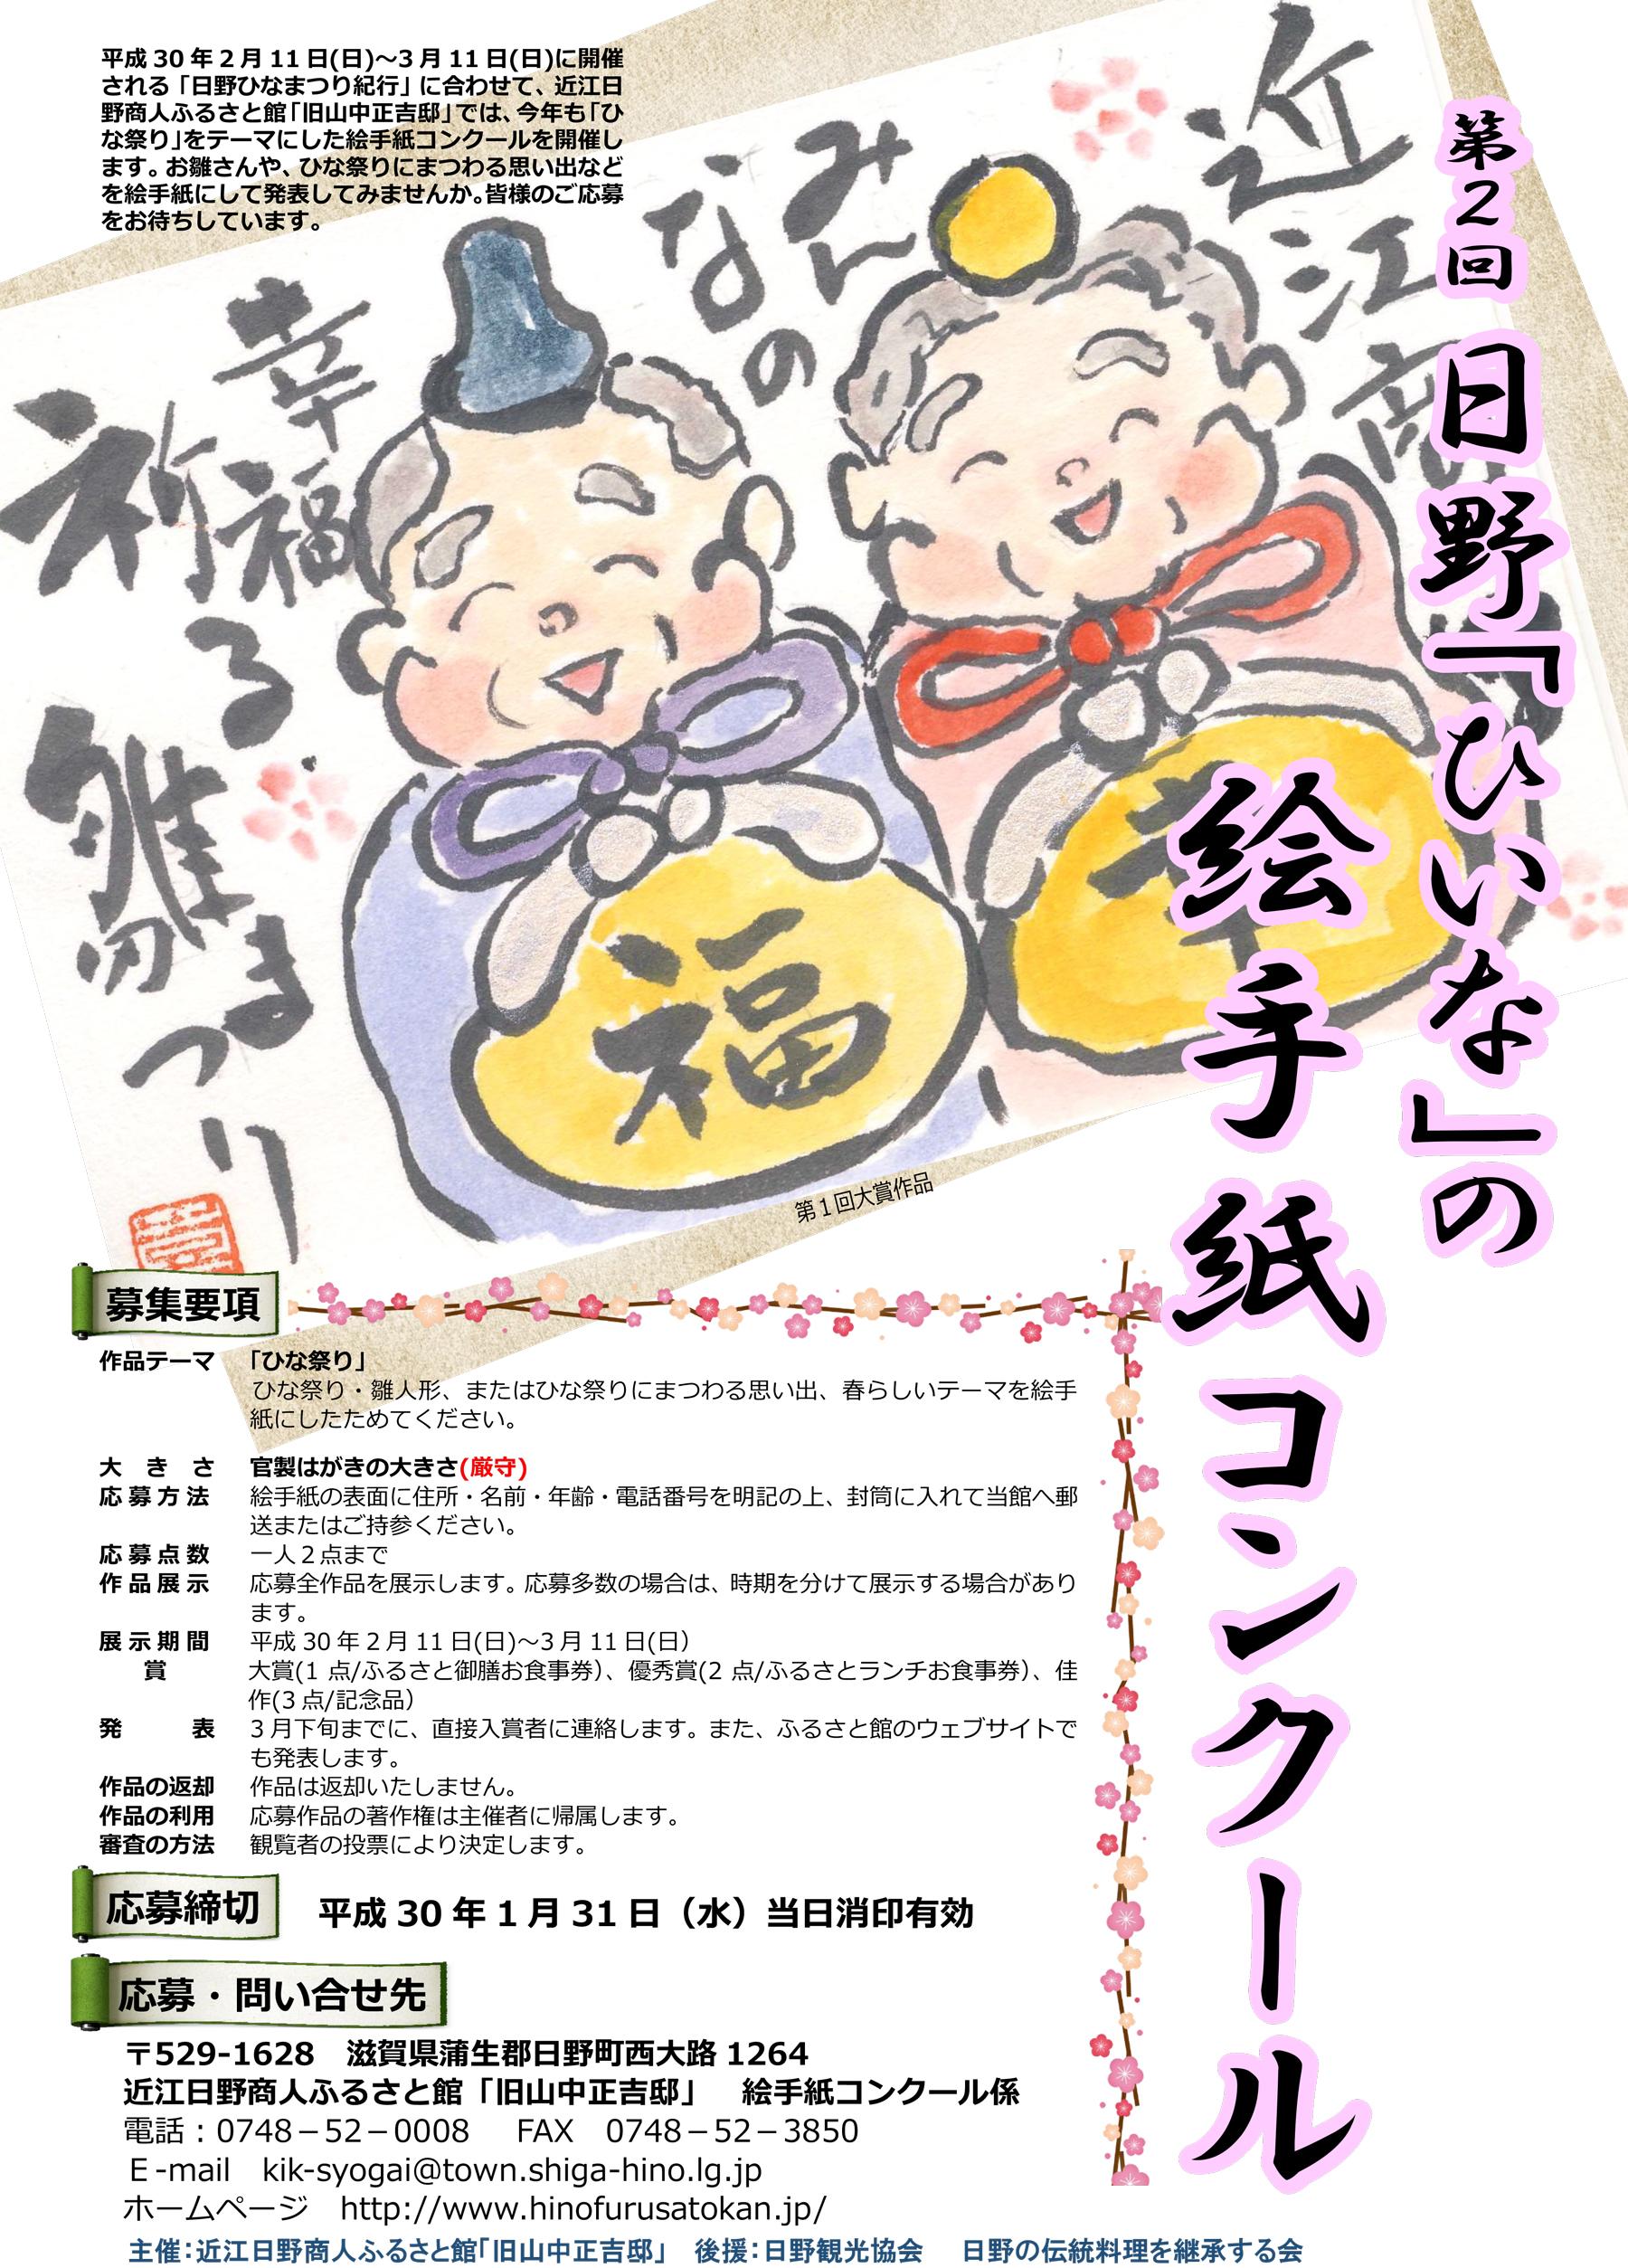 応募終了〉2018年日野「ひいな」の絵手紙コンクール | 近江日野商人